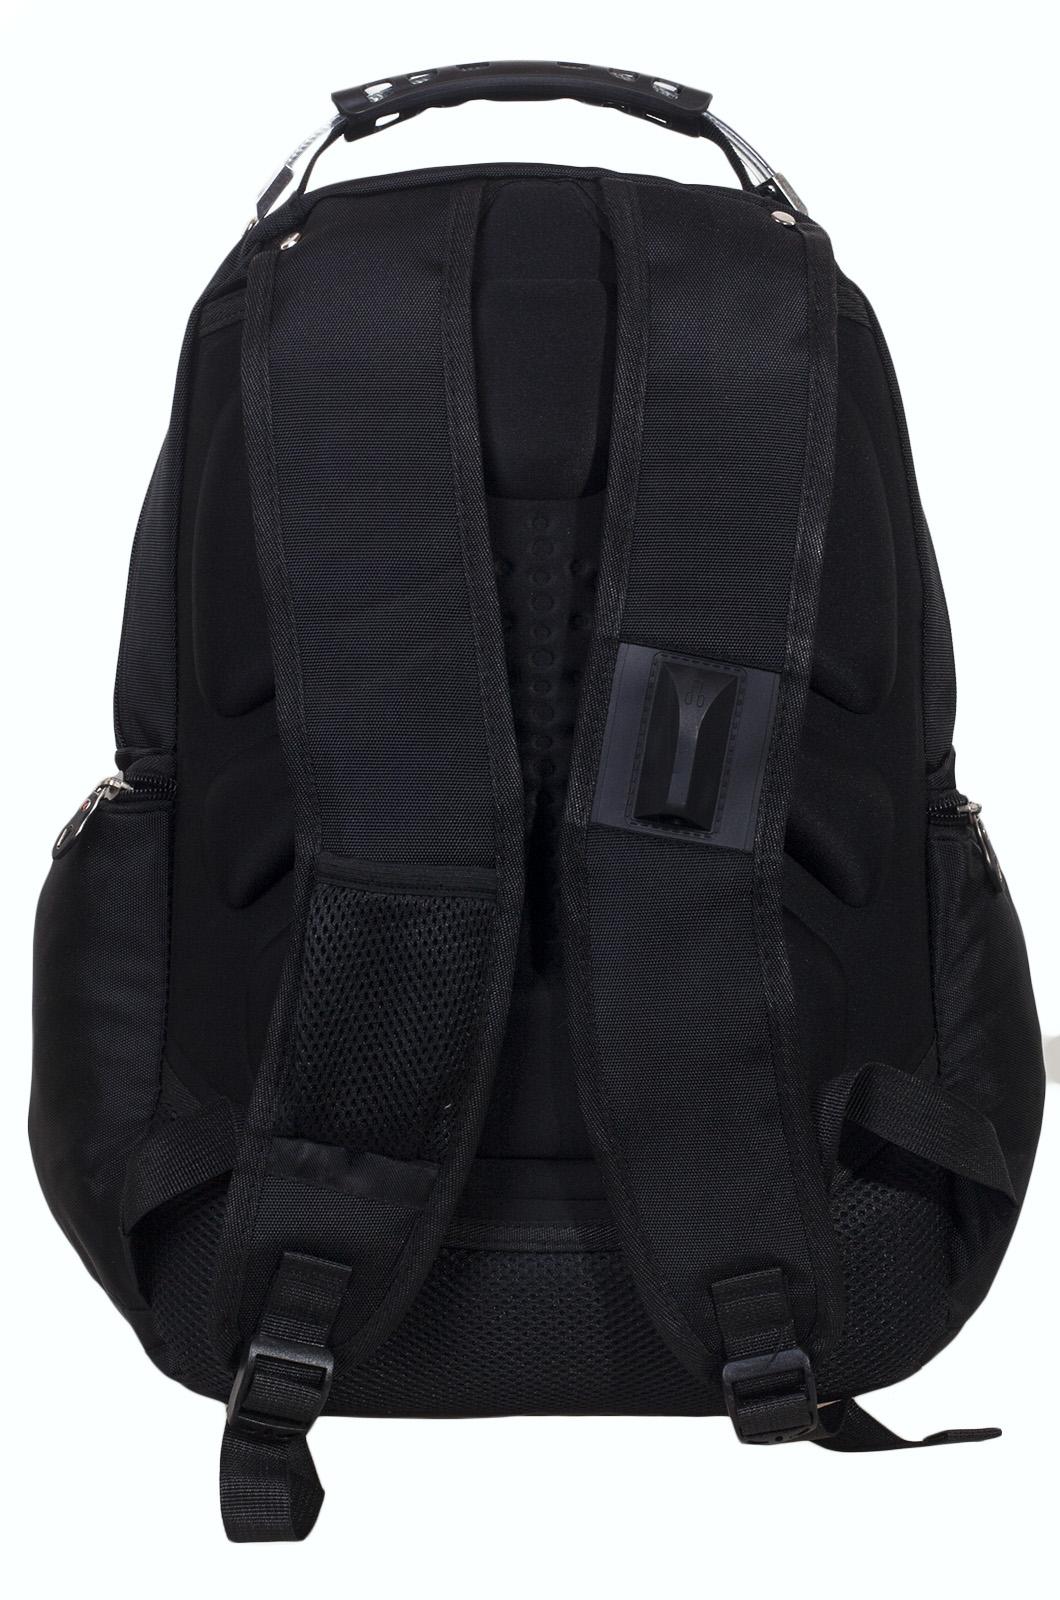 Функциональный заплечный рюкзак с нашивкой Россия купить оптом